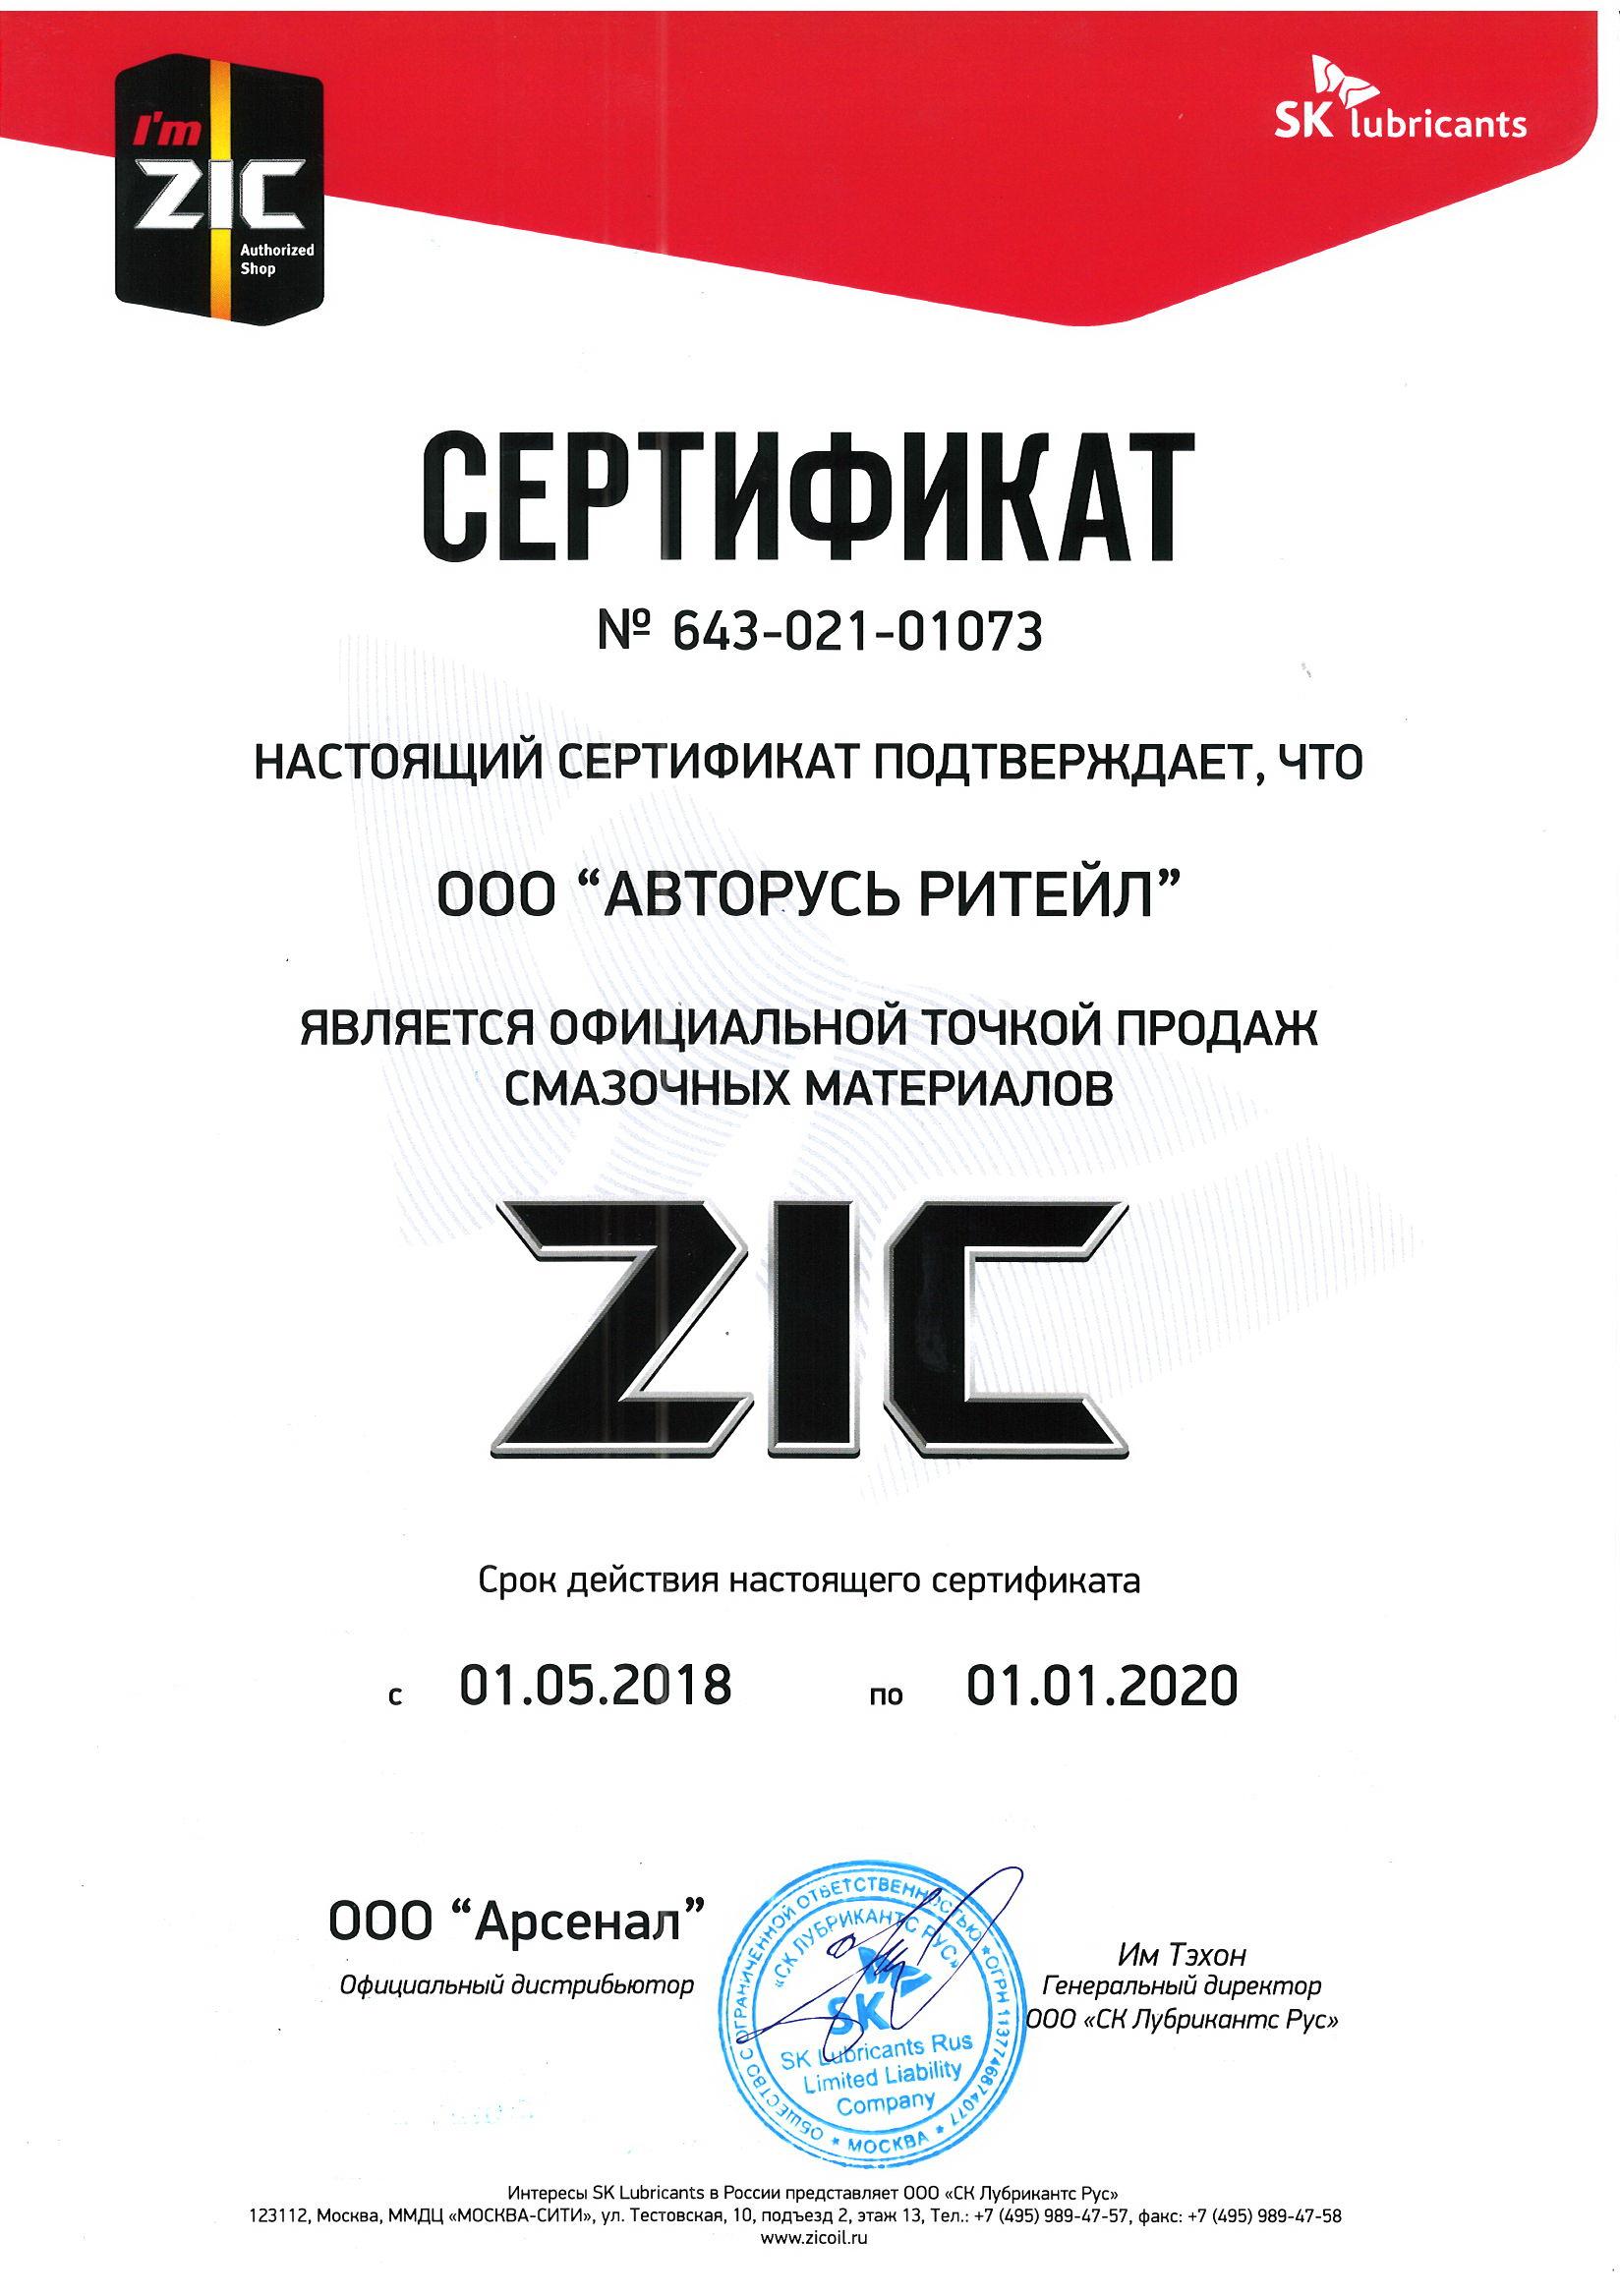 ZIC-Ритейл